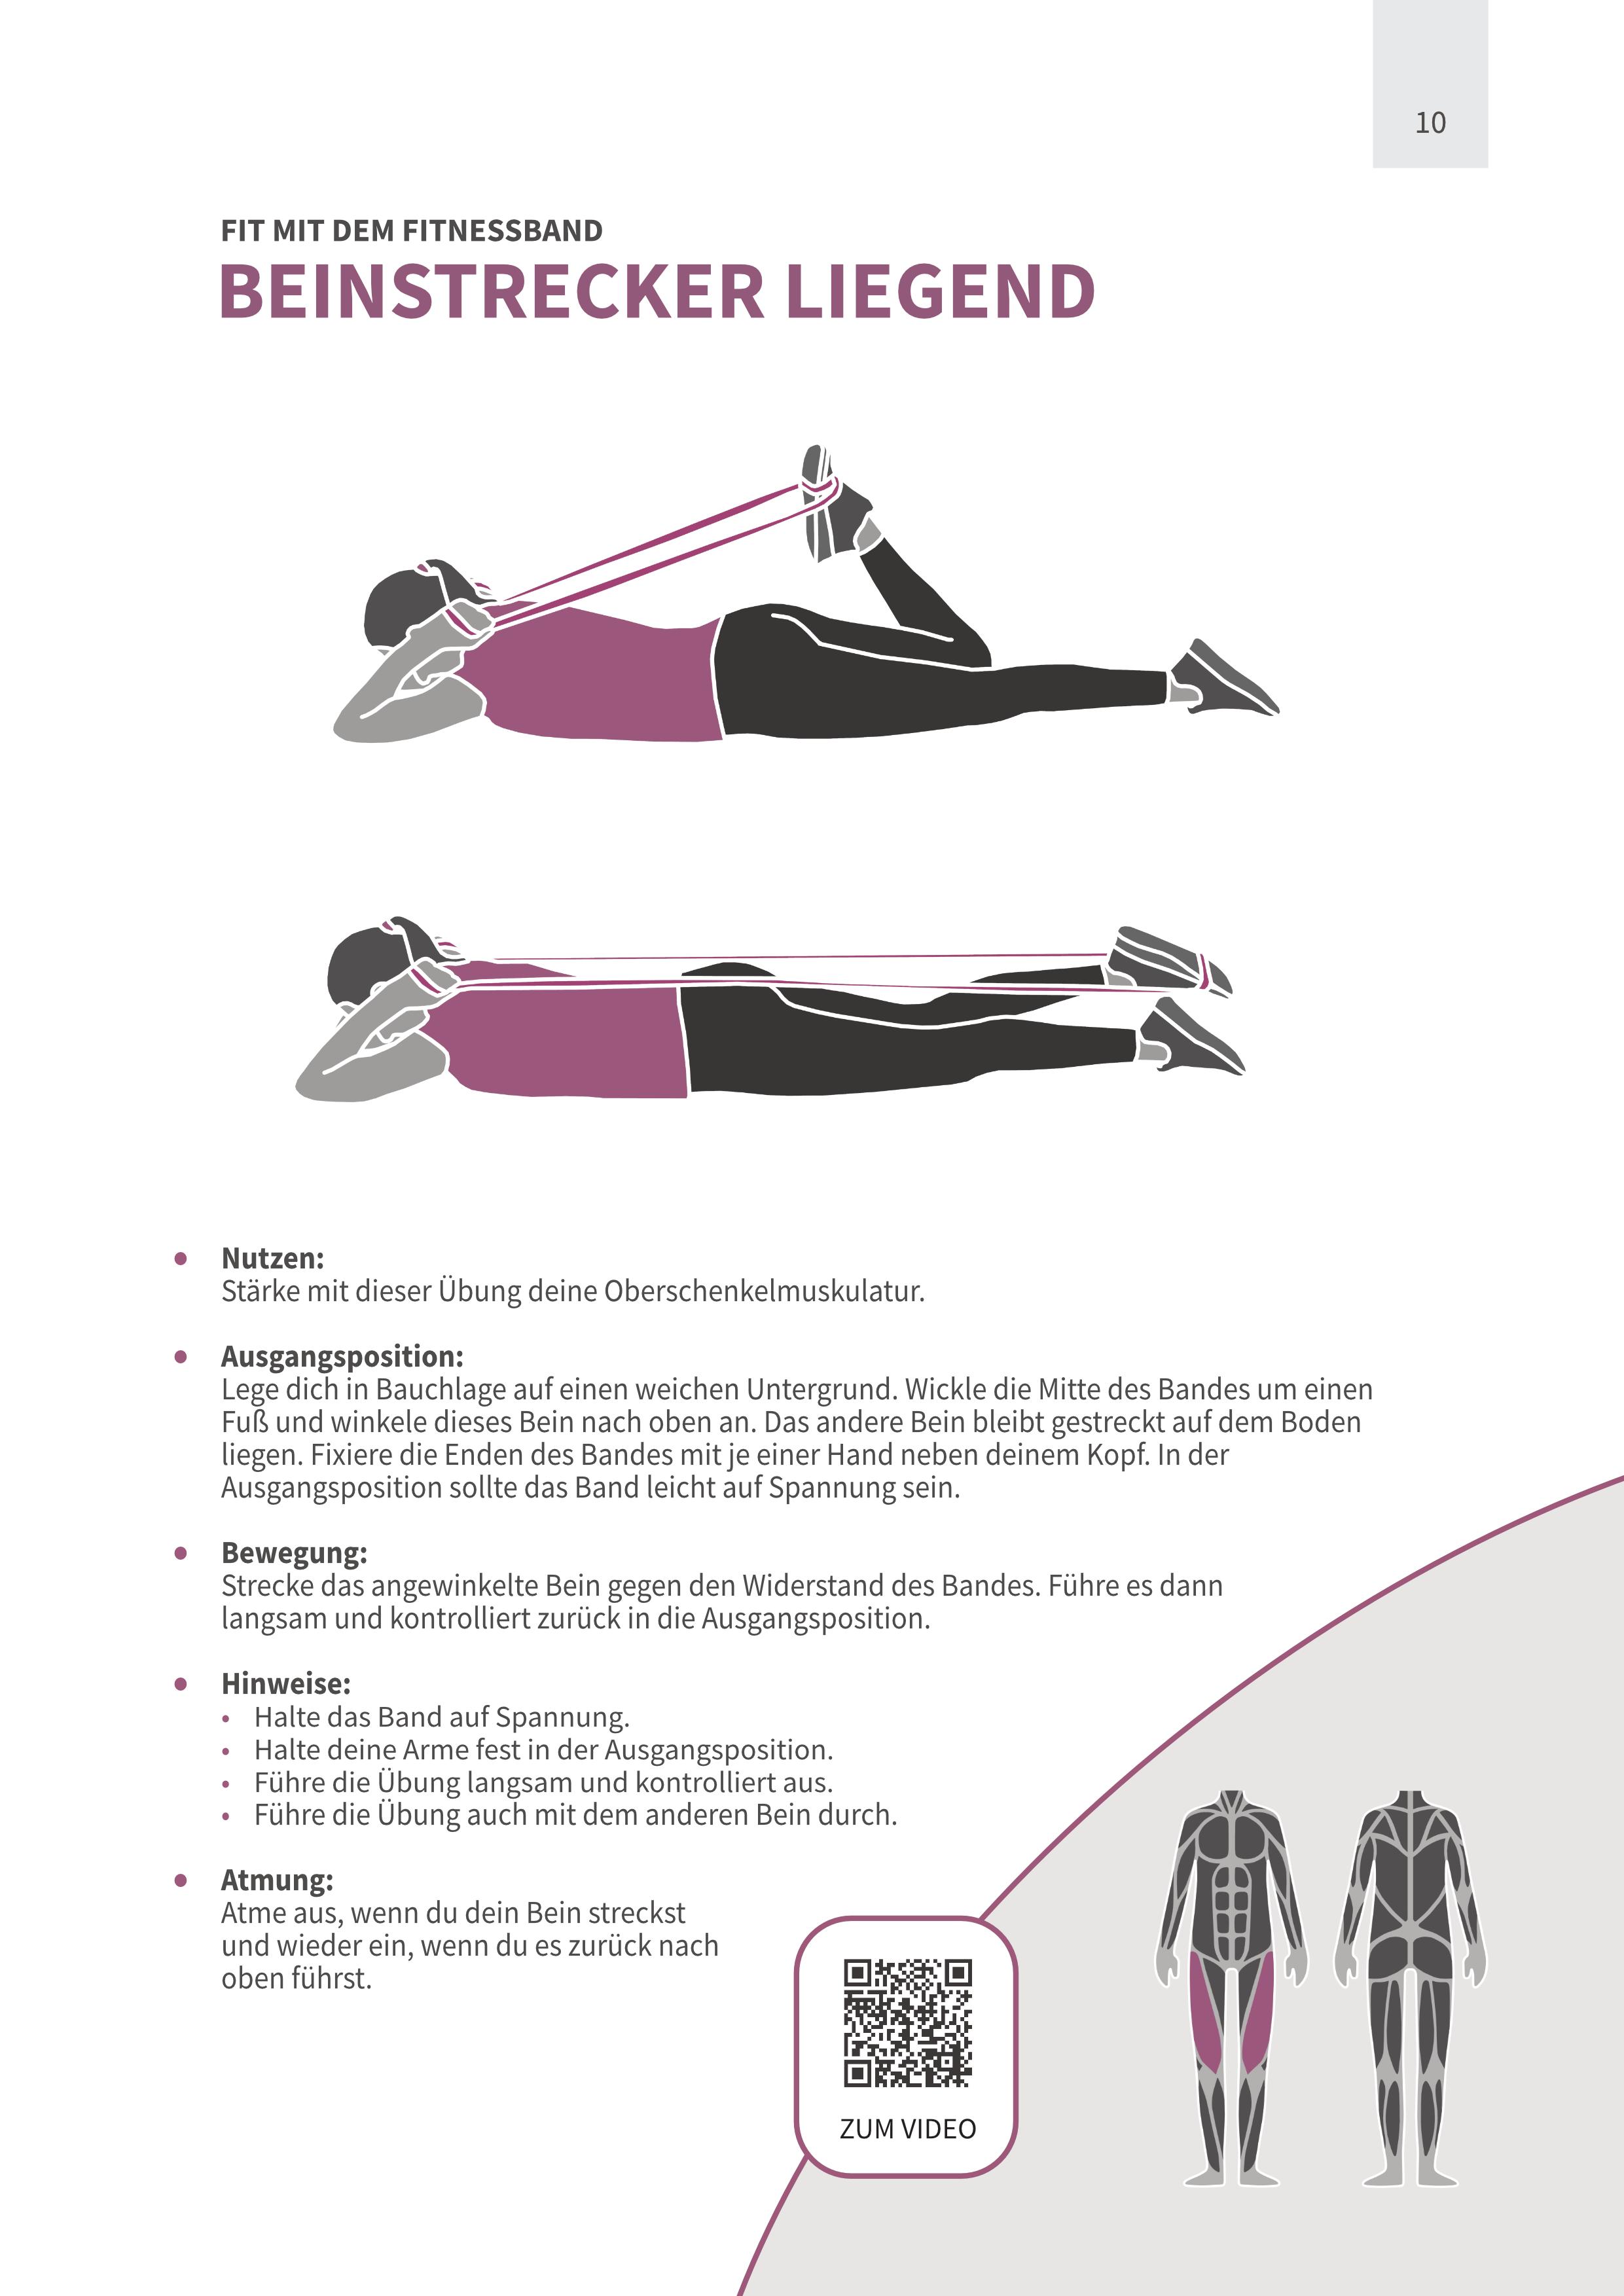 Beinstrecker Liegend mit Fitnessband